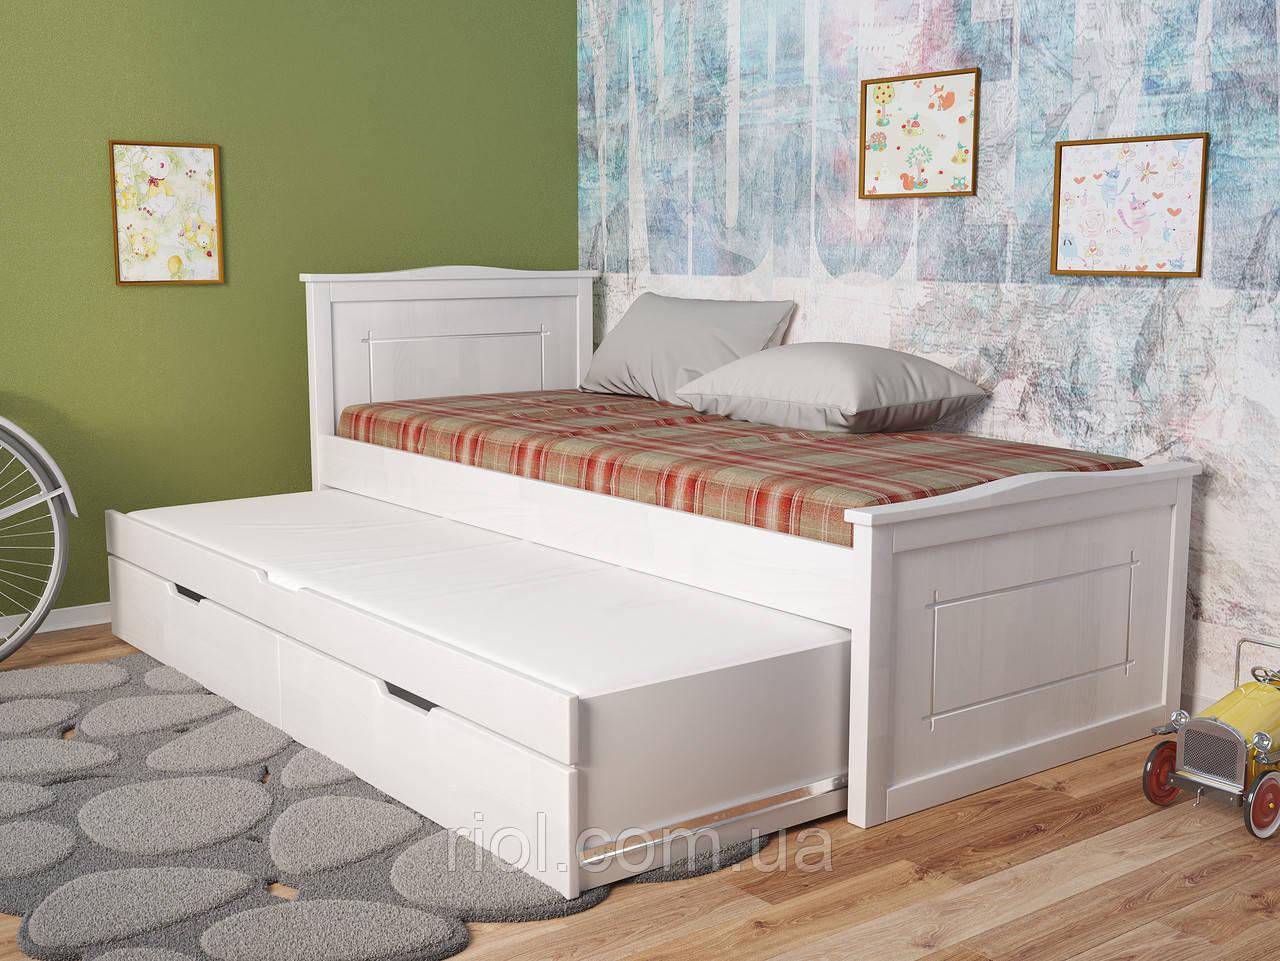 Детская деревянная кровать Компакт плюс с дополнительным спальным местом